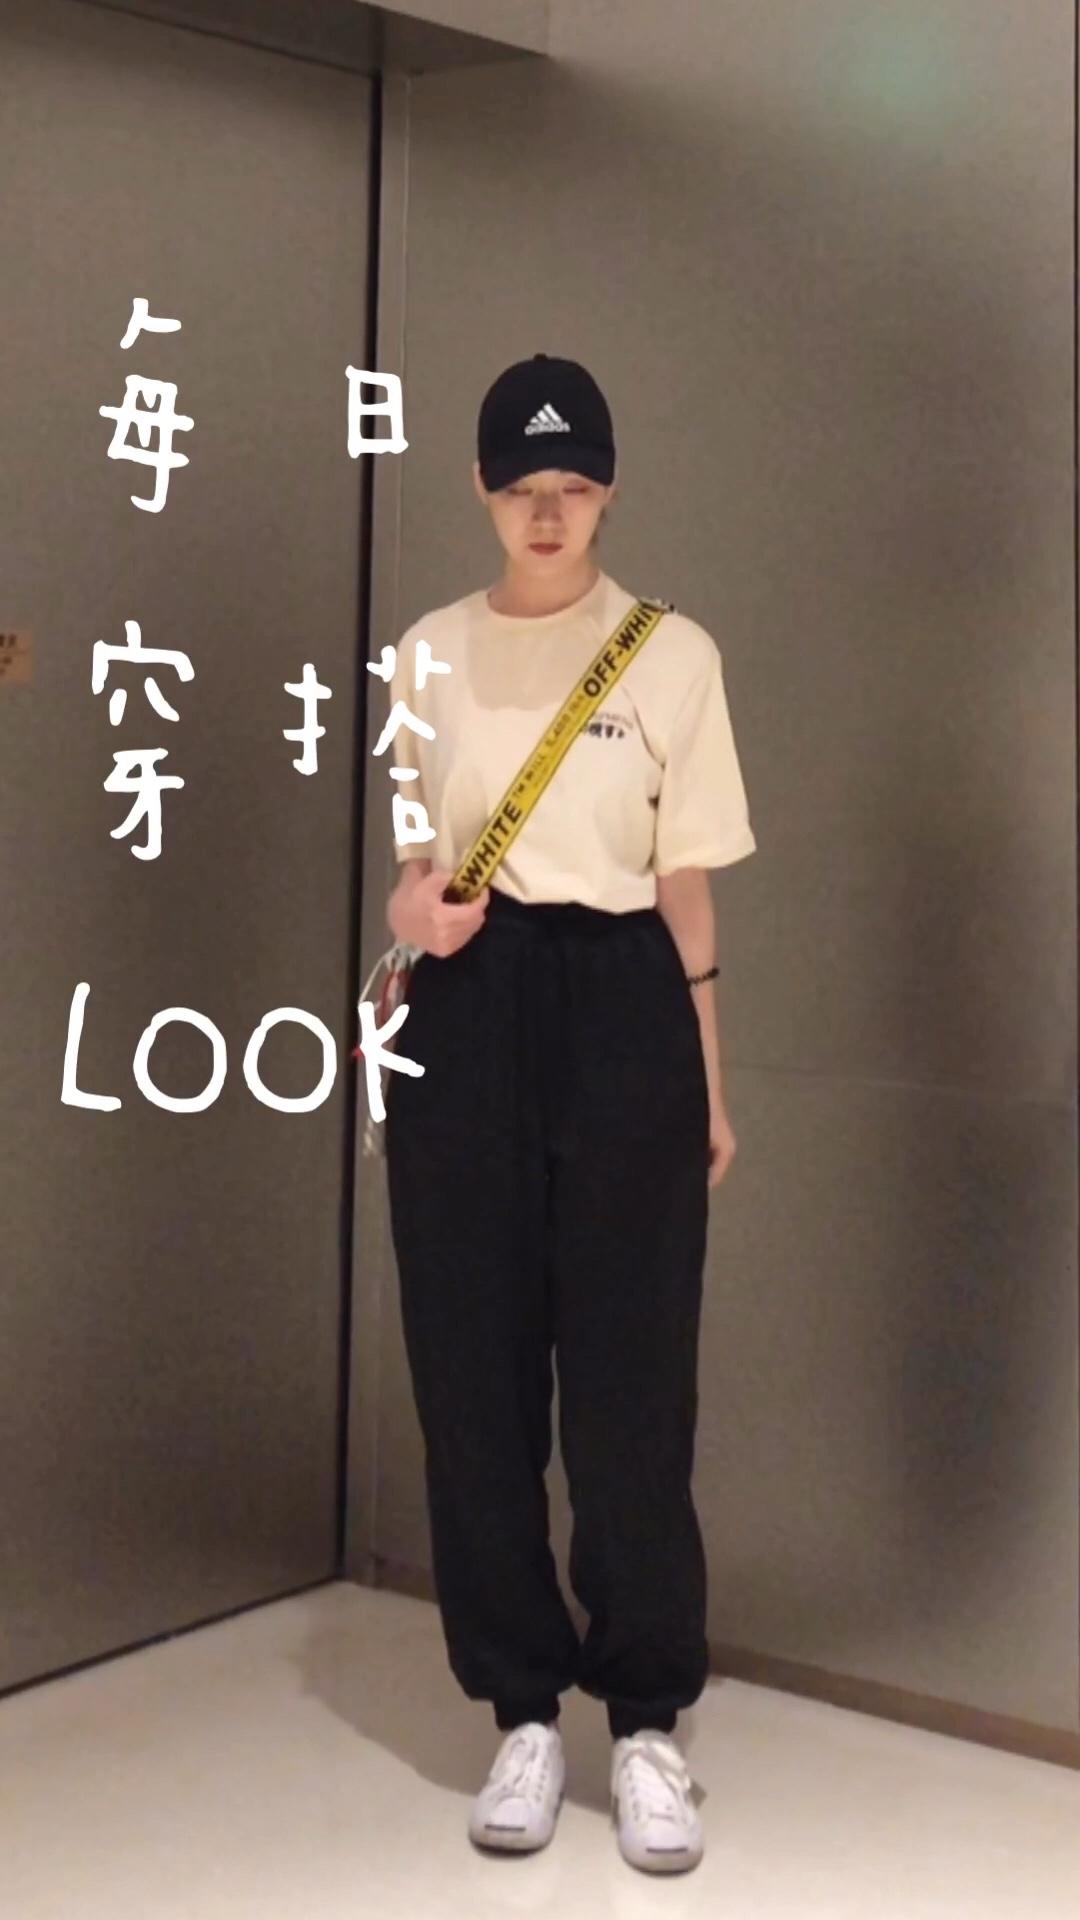 中性又充满活力的一套穿搭!高腰的束脚运动裤拉长了身材比例 暖黄色的oversize T恤俏皮可爱 T恤的背面是一幅眼保健操趣味图 可爱!#一秒纸片人种草计划#